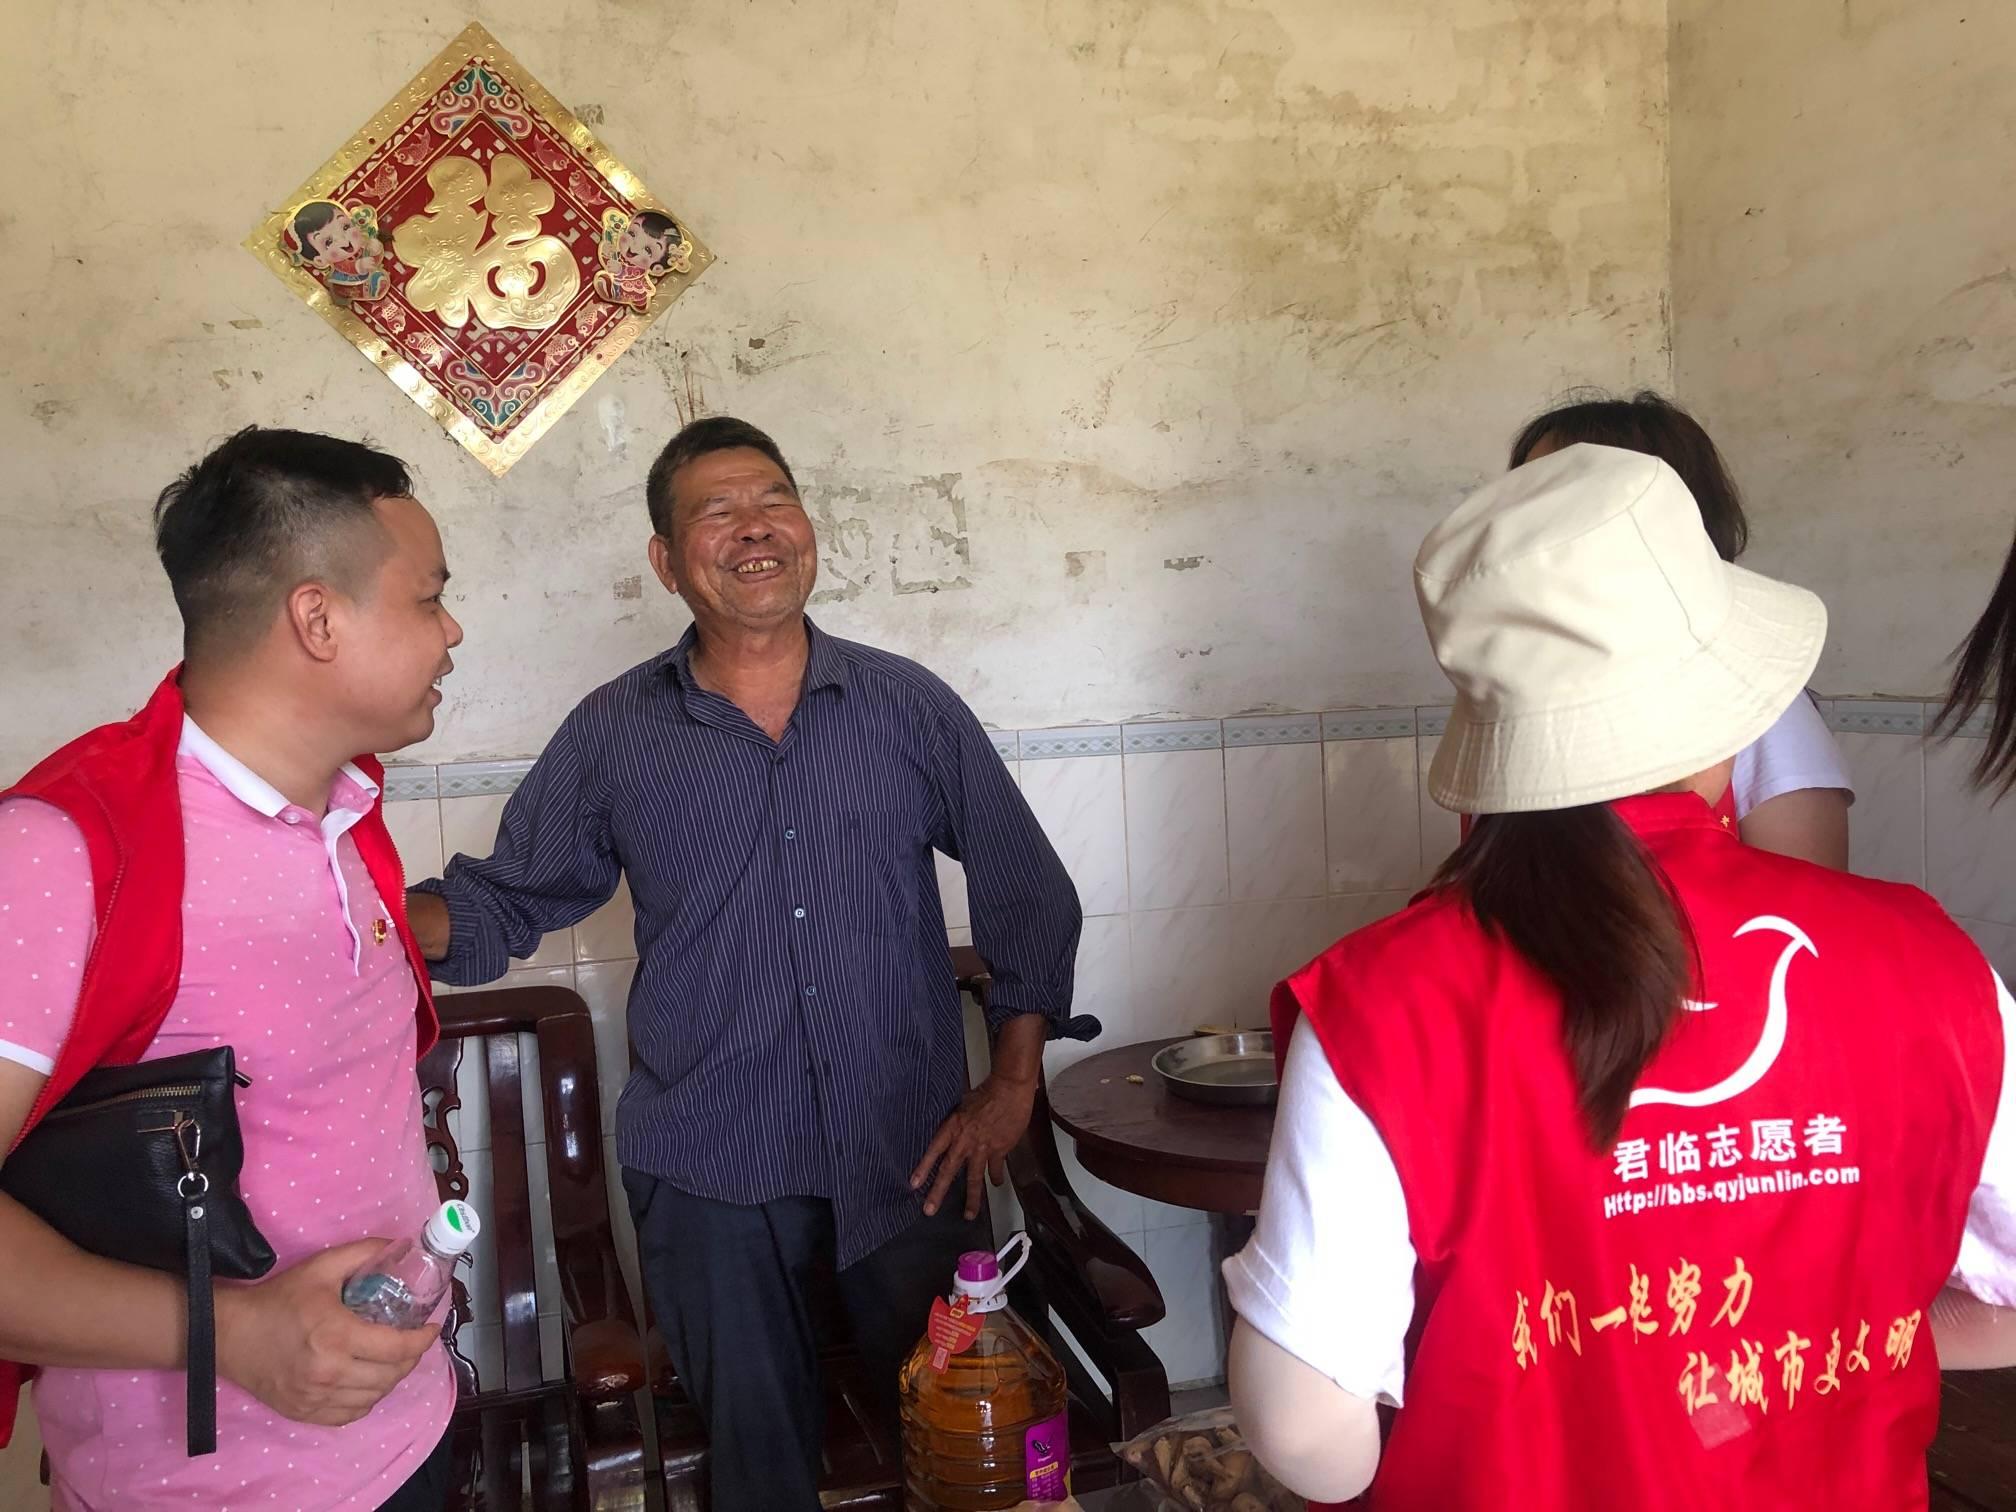 农场联盟联合君临志愿者送关爱慰问活动